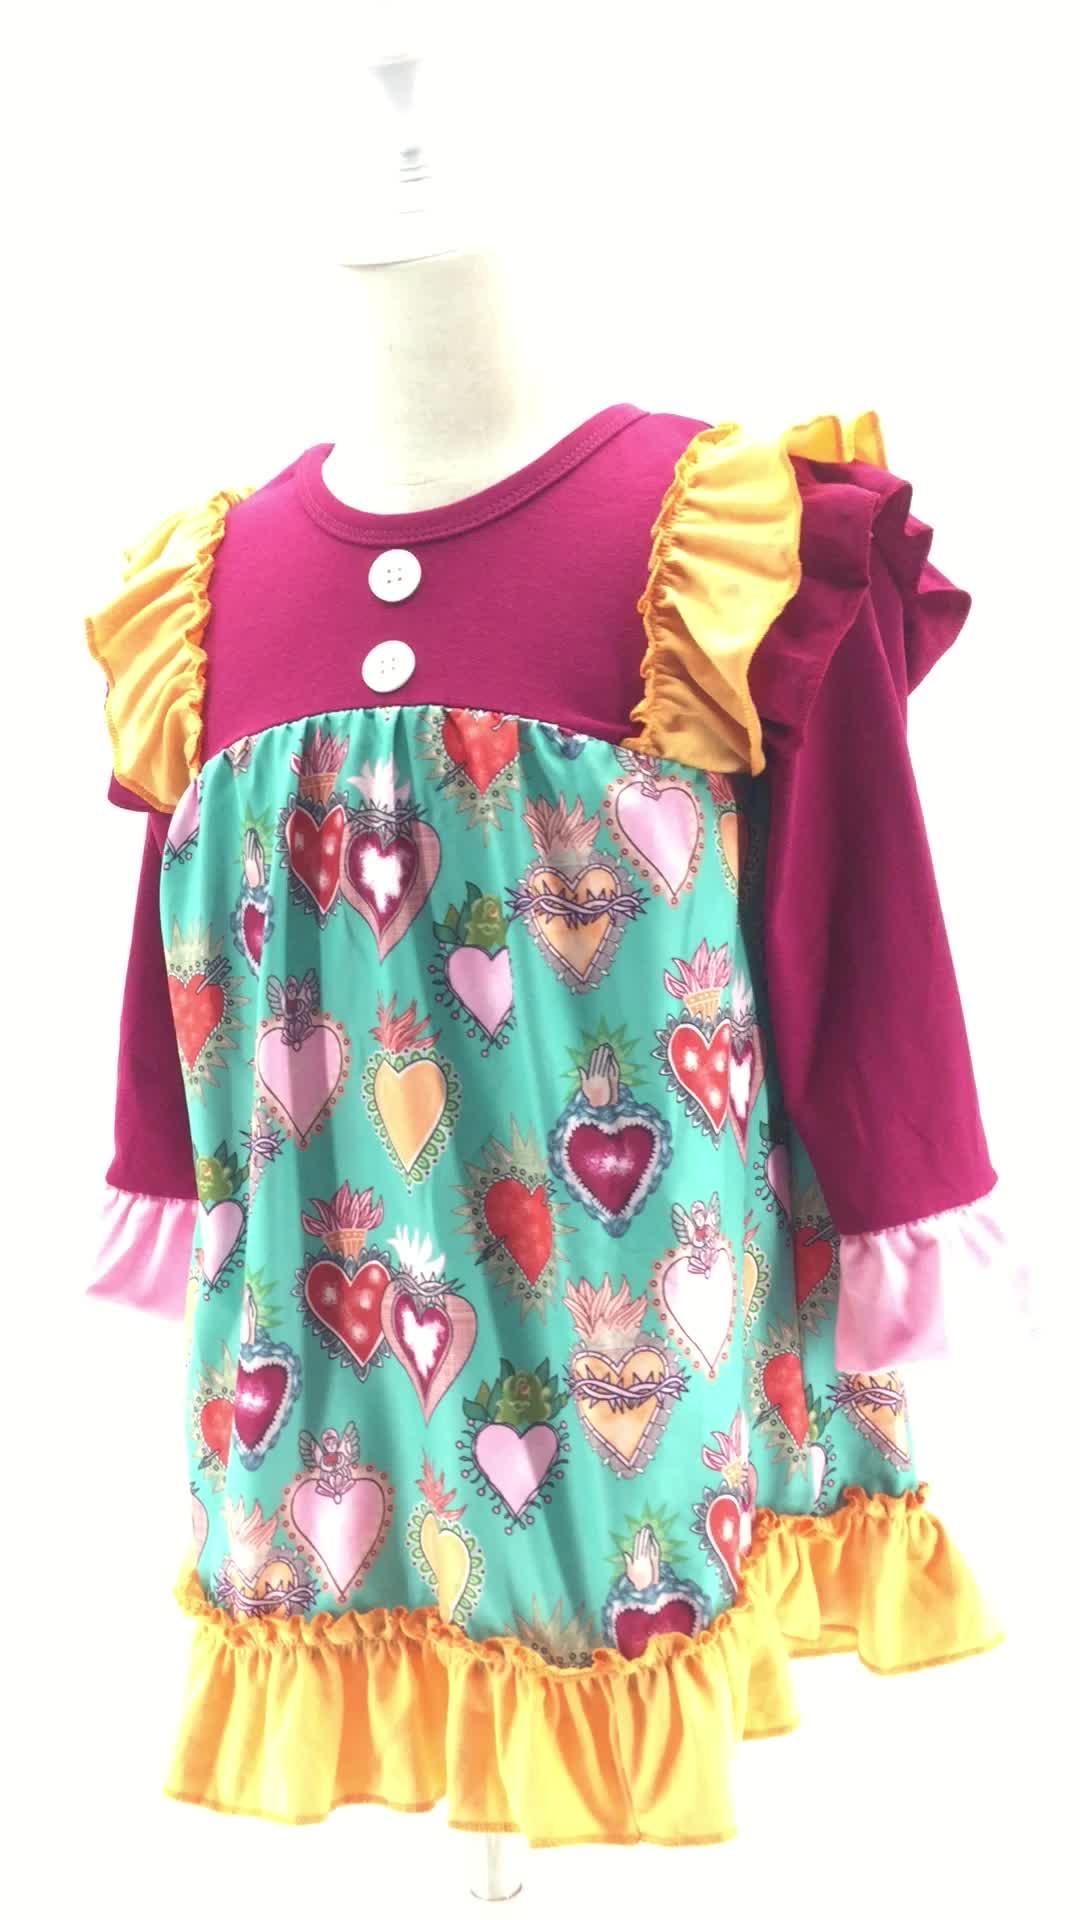 Toptan butik çocuk giyim çocuk giysileri Cadılar Bayramı kostüm bebek kız elbise